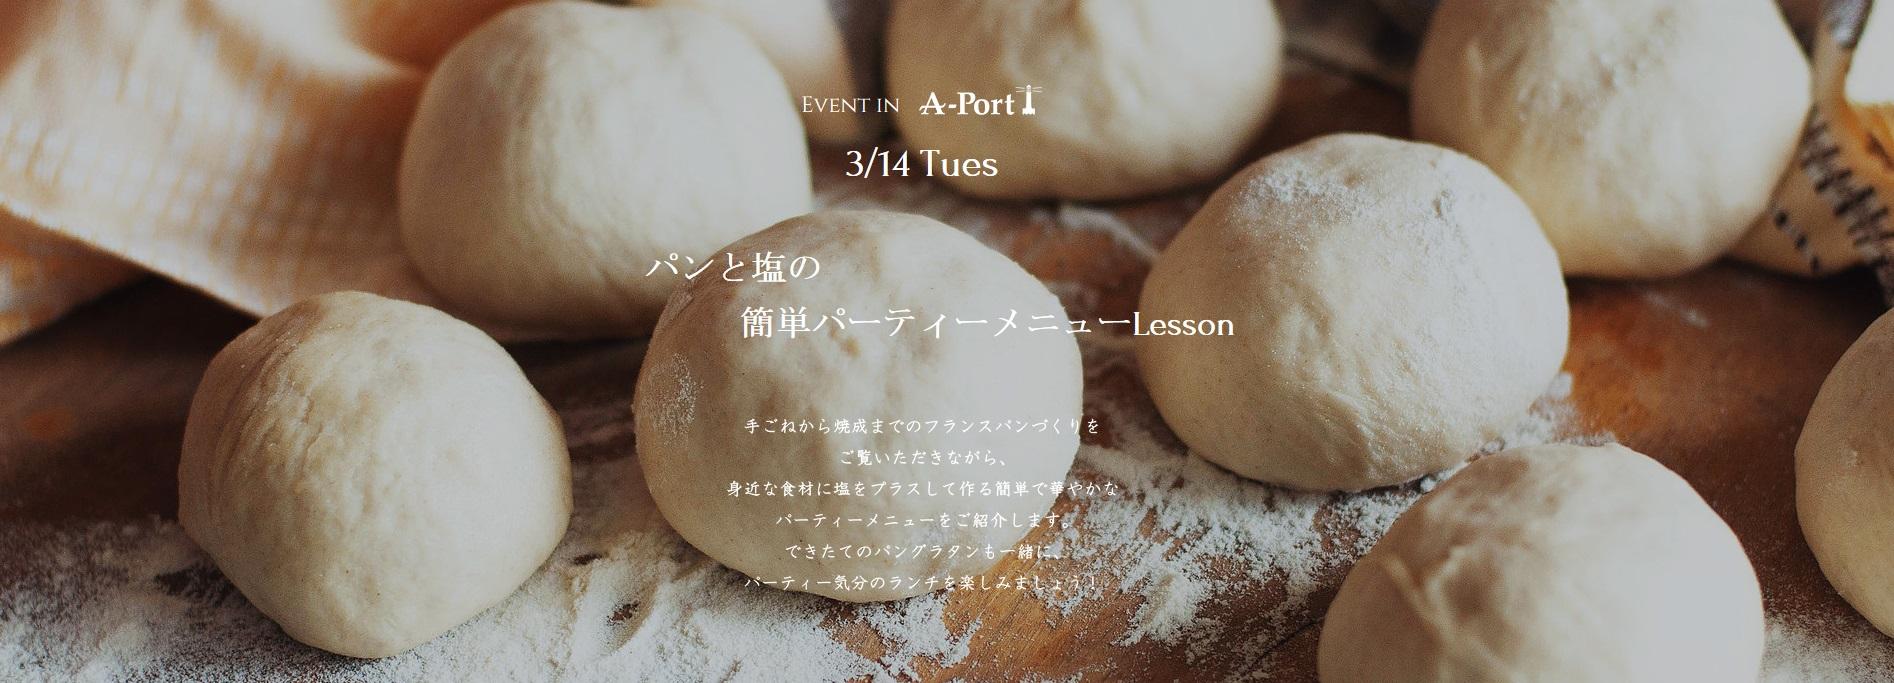 0314パンと塩